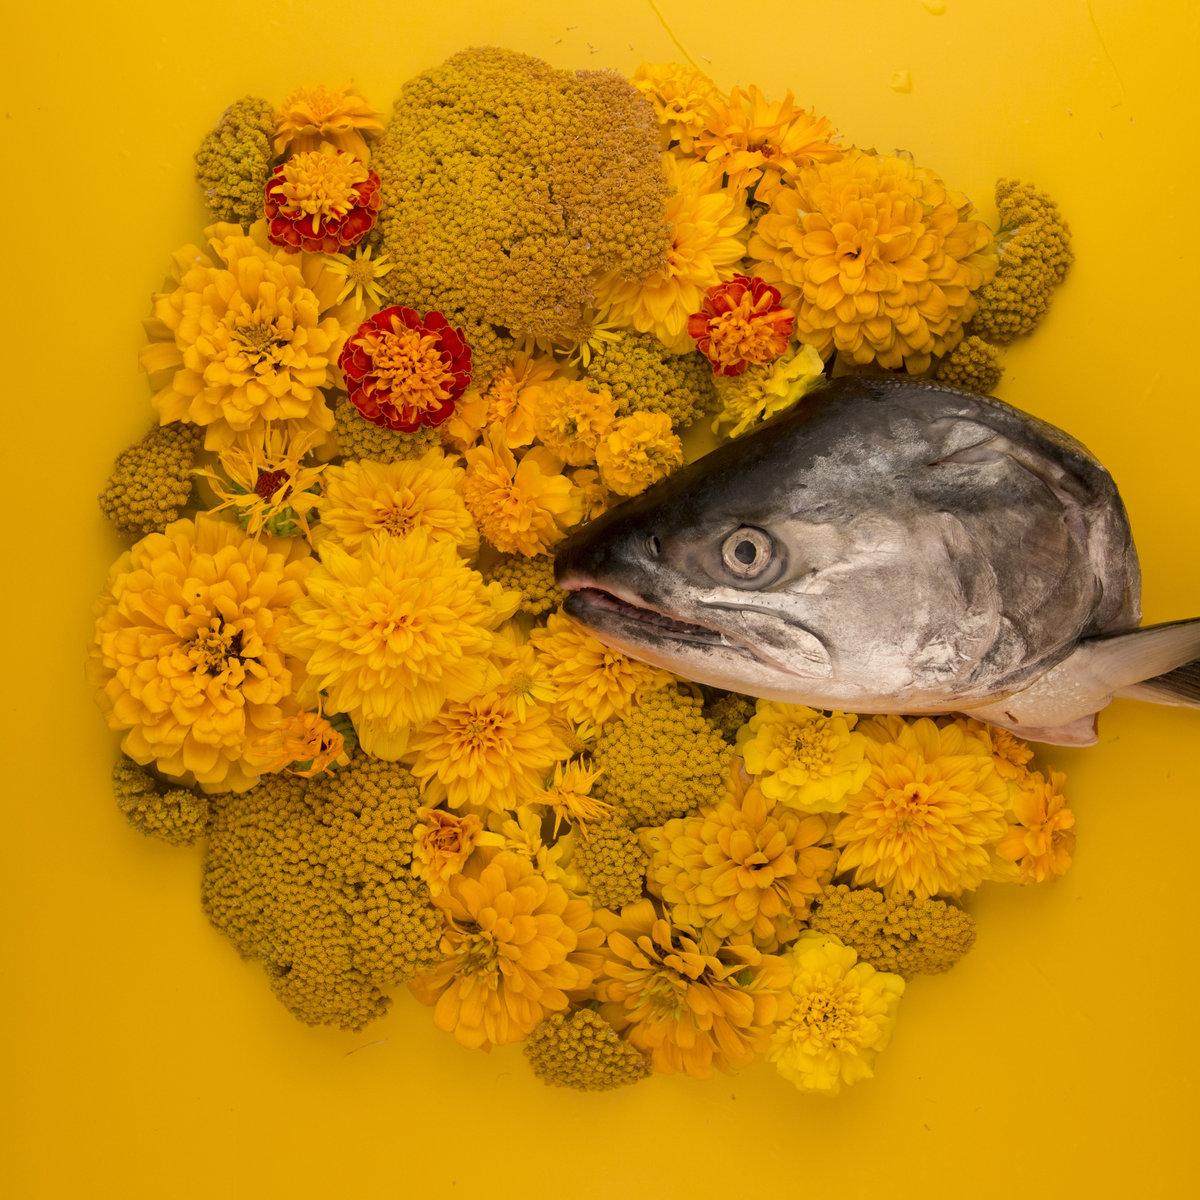 Fish Eyes EP by Haley Heynderickx.jpg